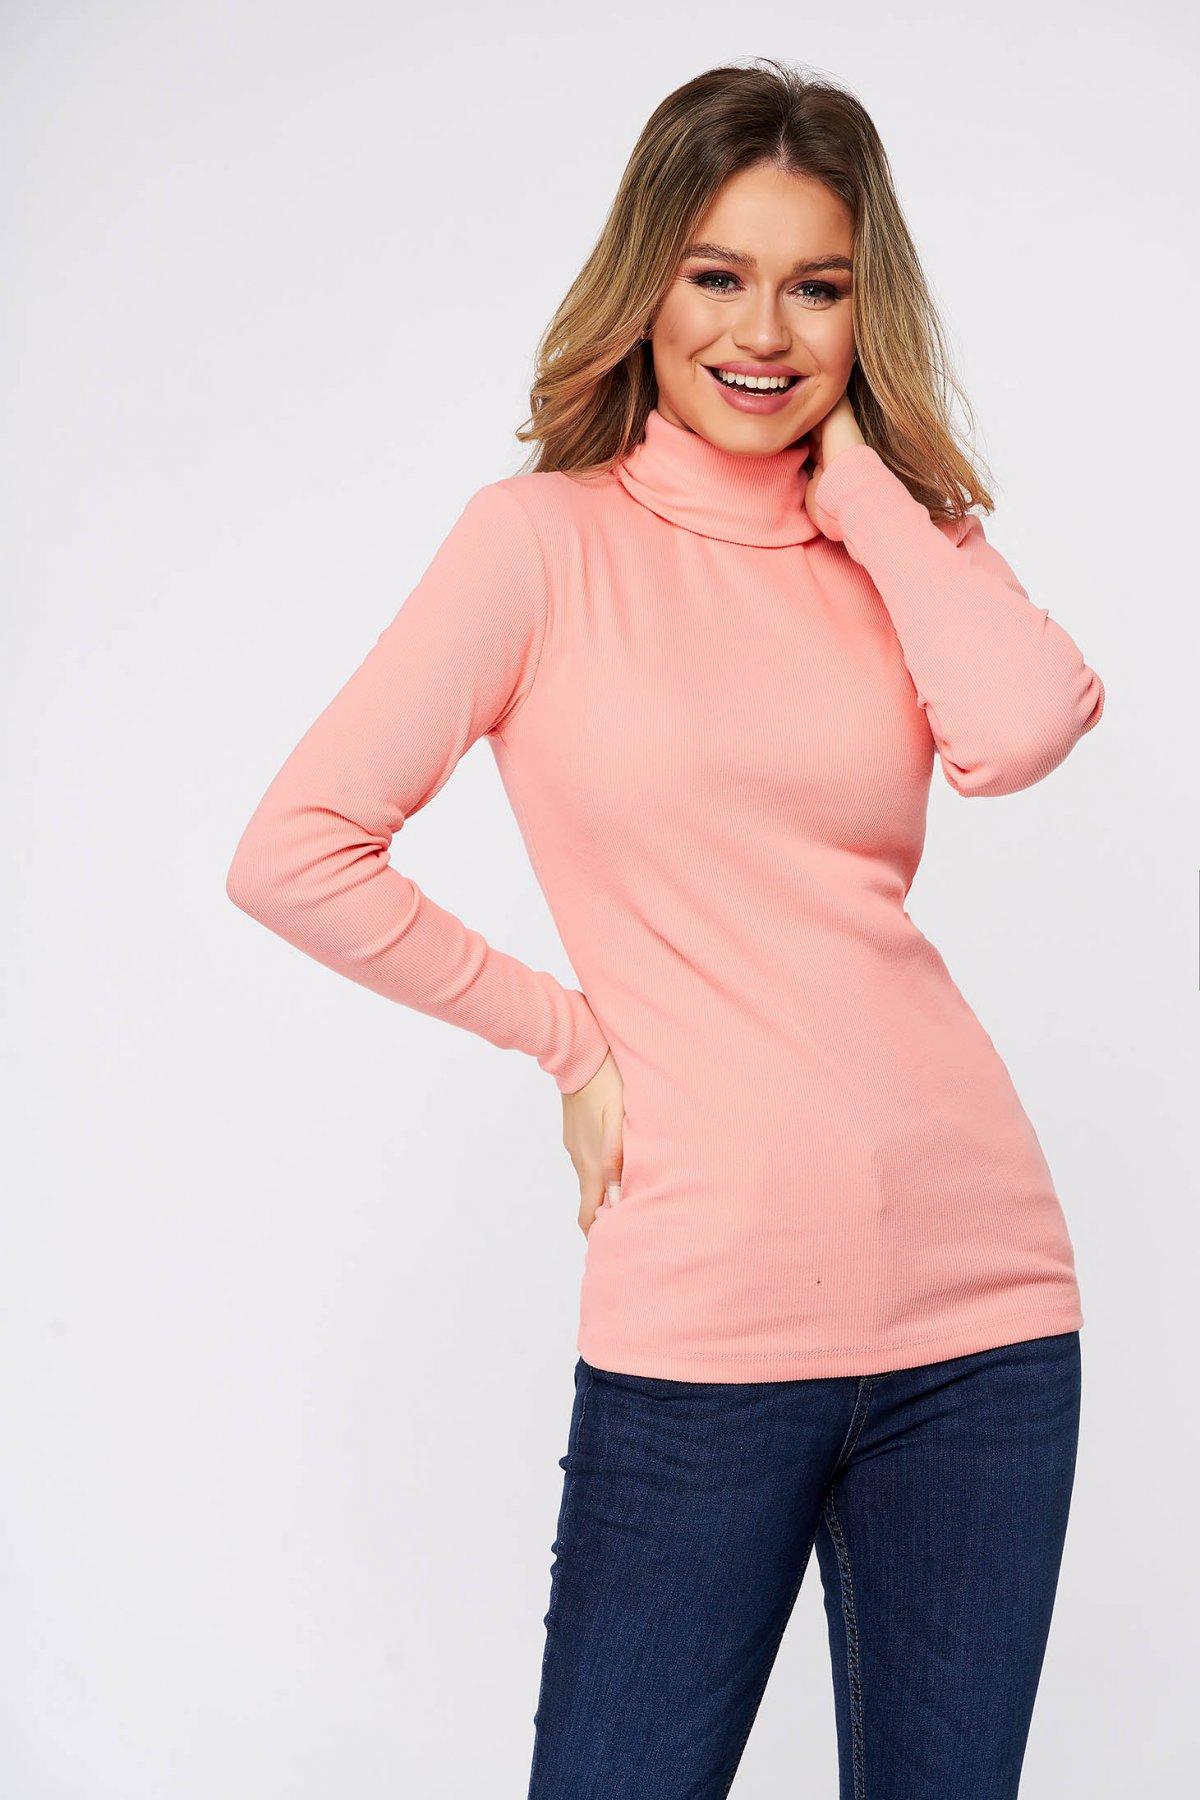 Bluza dama SunShine roz din bumbac elastic reiat pe gat cu un croi mulat